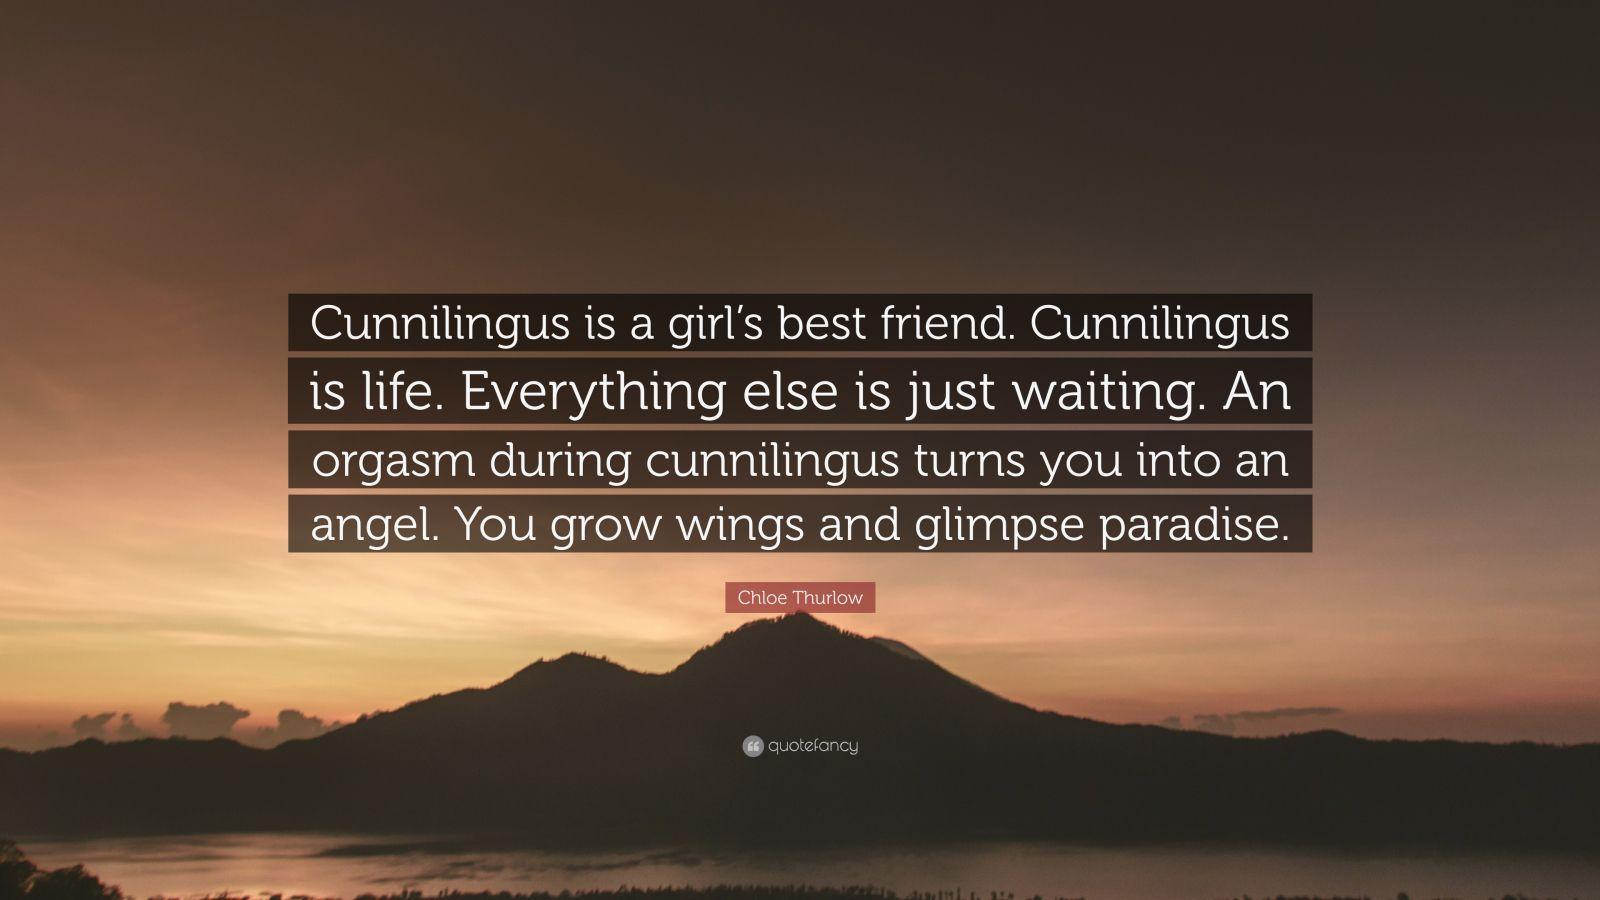 Le paradis du cunnilingus